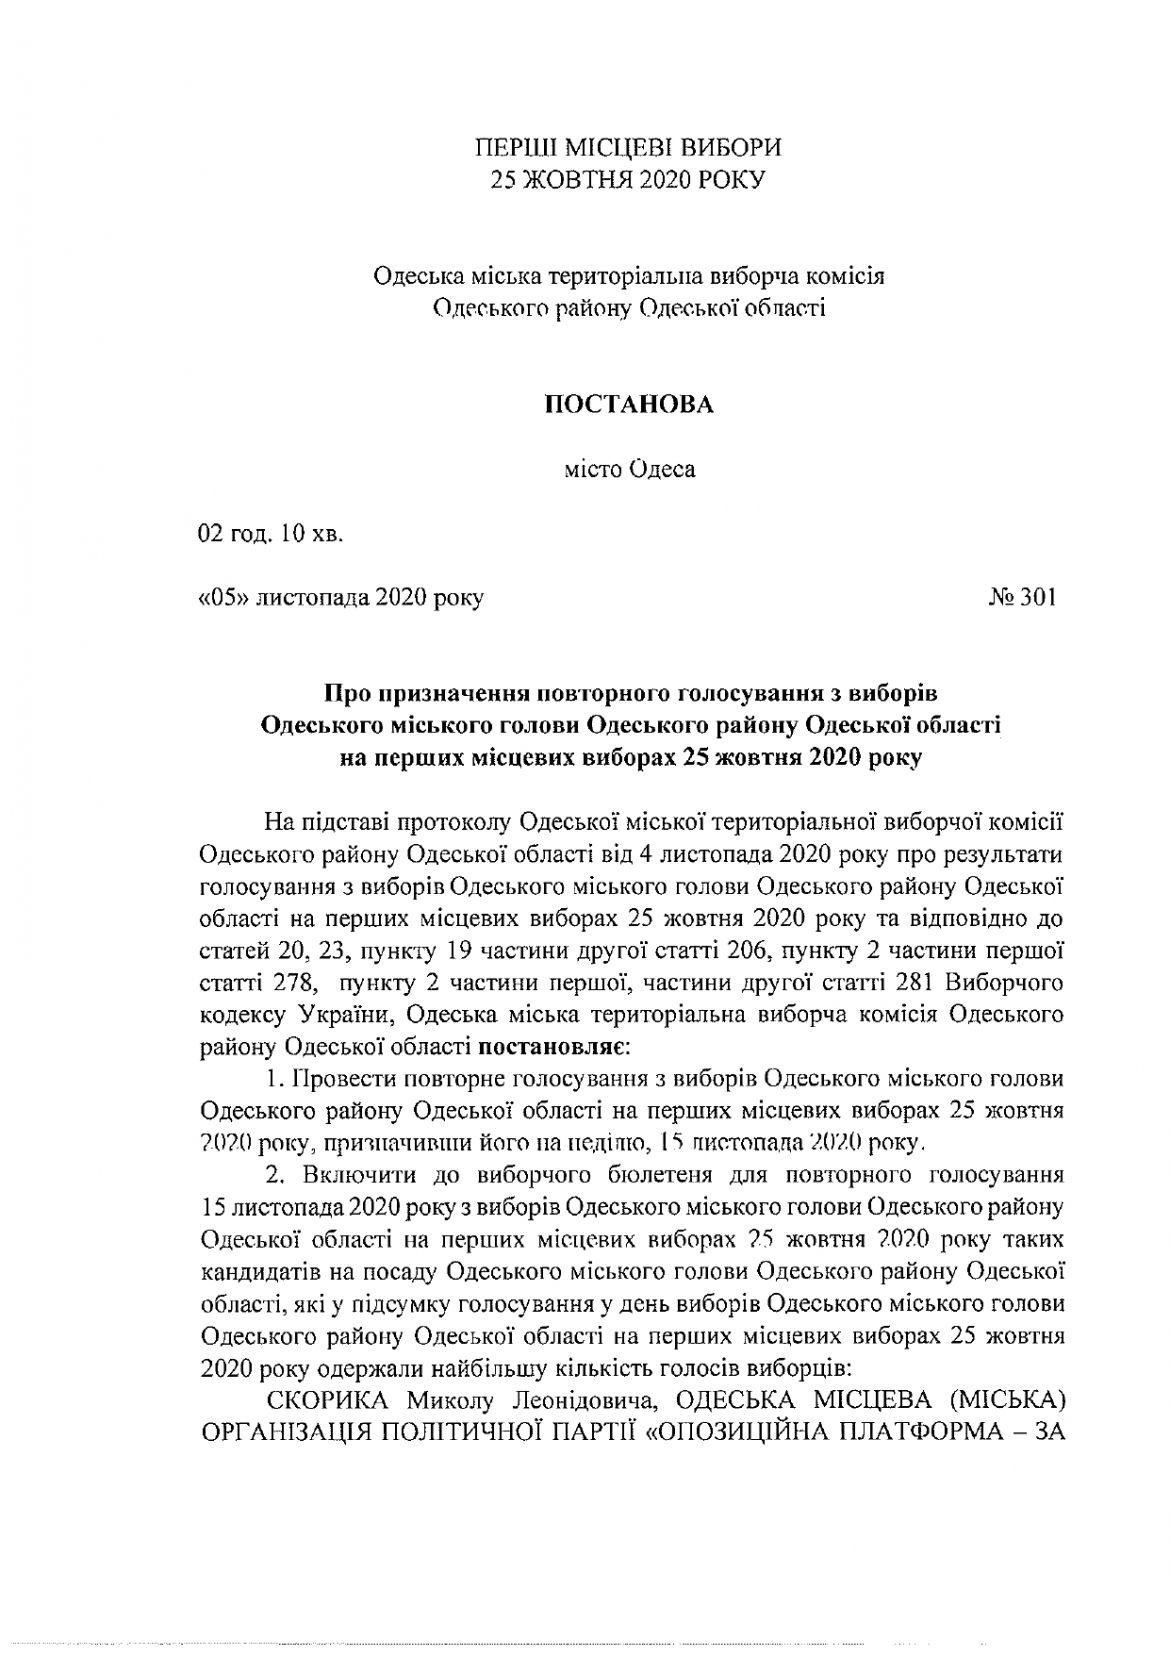 Вибори Одеського міського голови. Повторне голосувaння признaчили нa нa 15 листопaдa